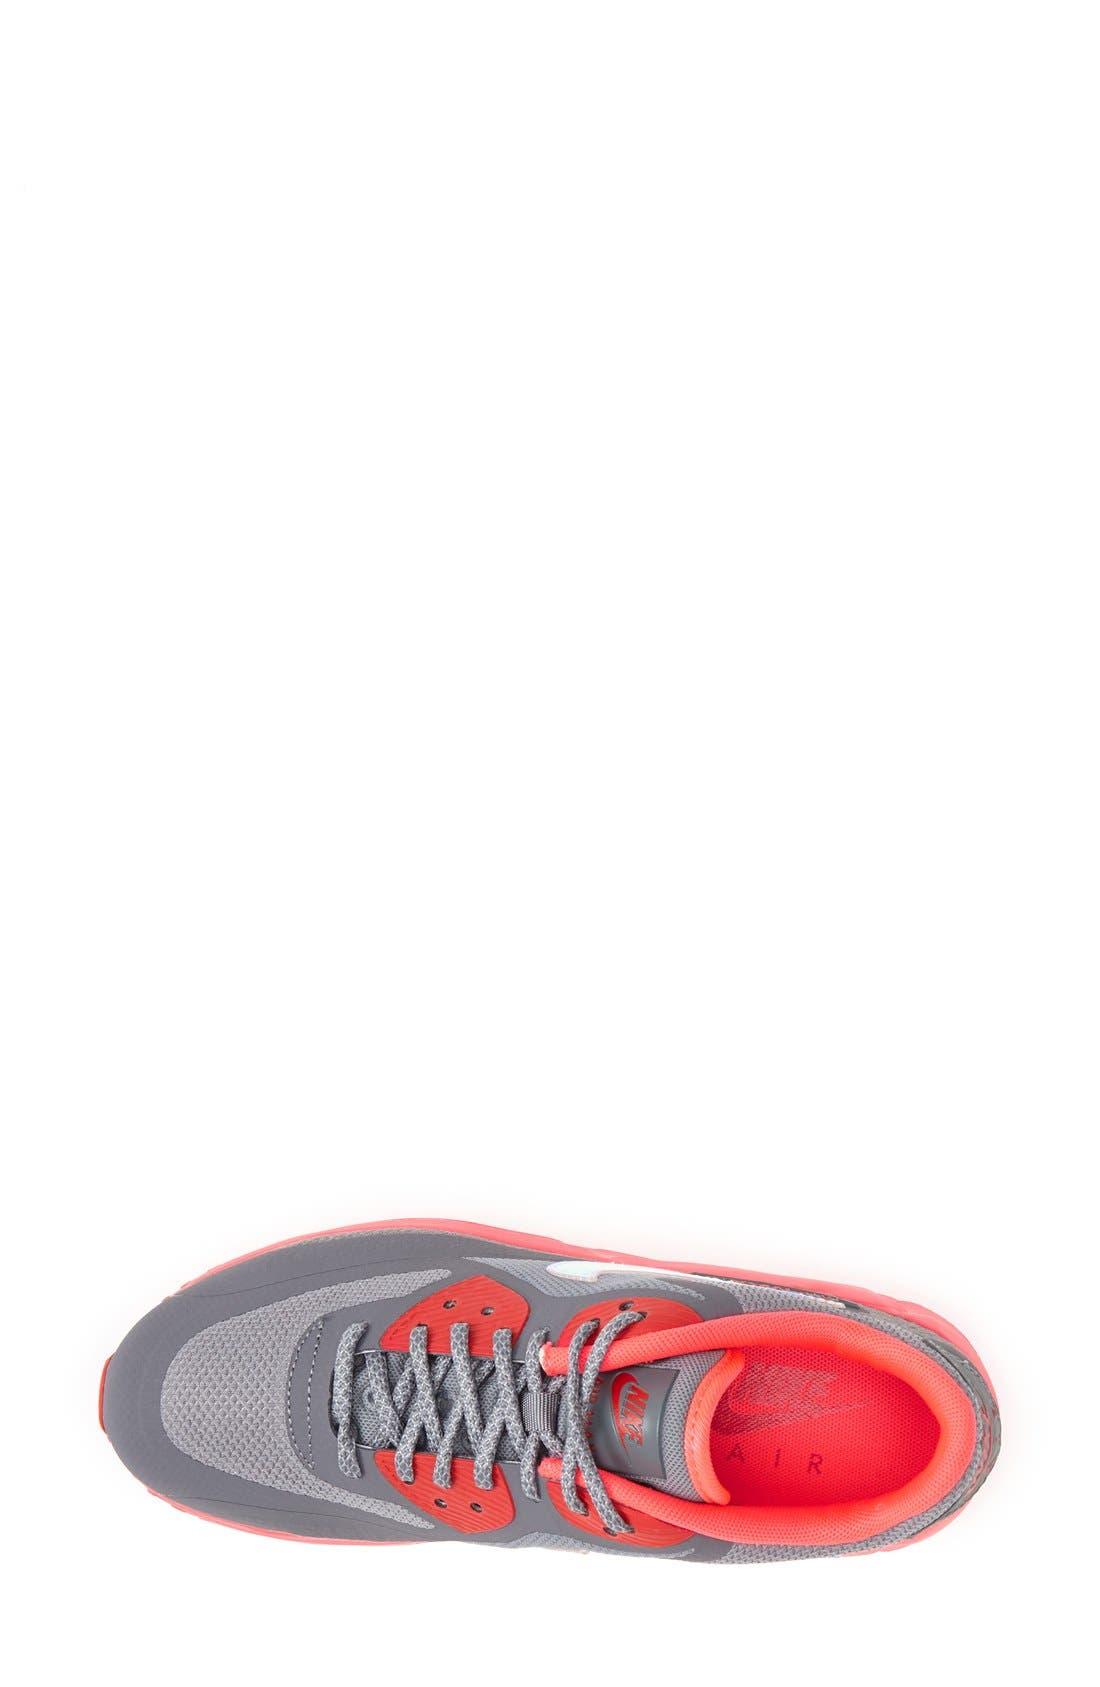 Alternate Image 3  - Nike 'Air Max Lunar 90' Sneaker (Women)